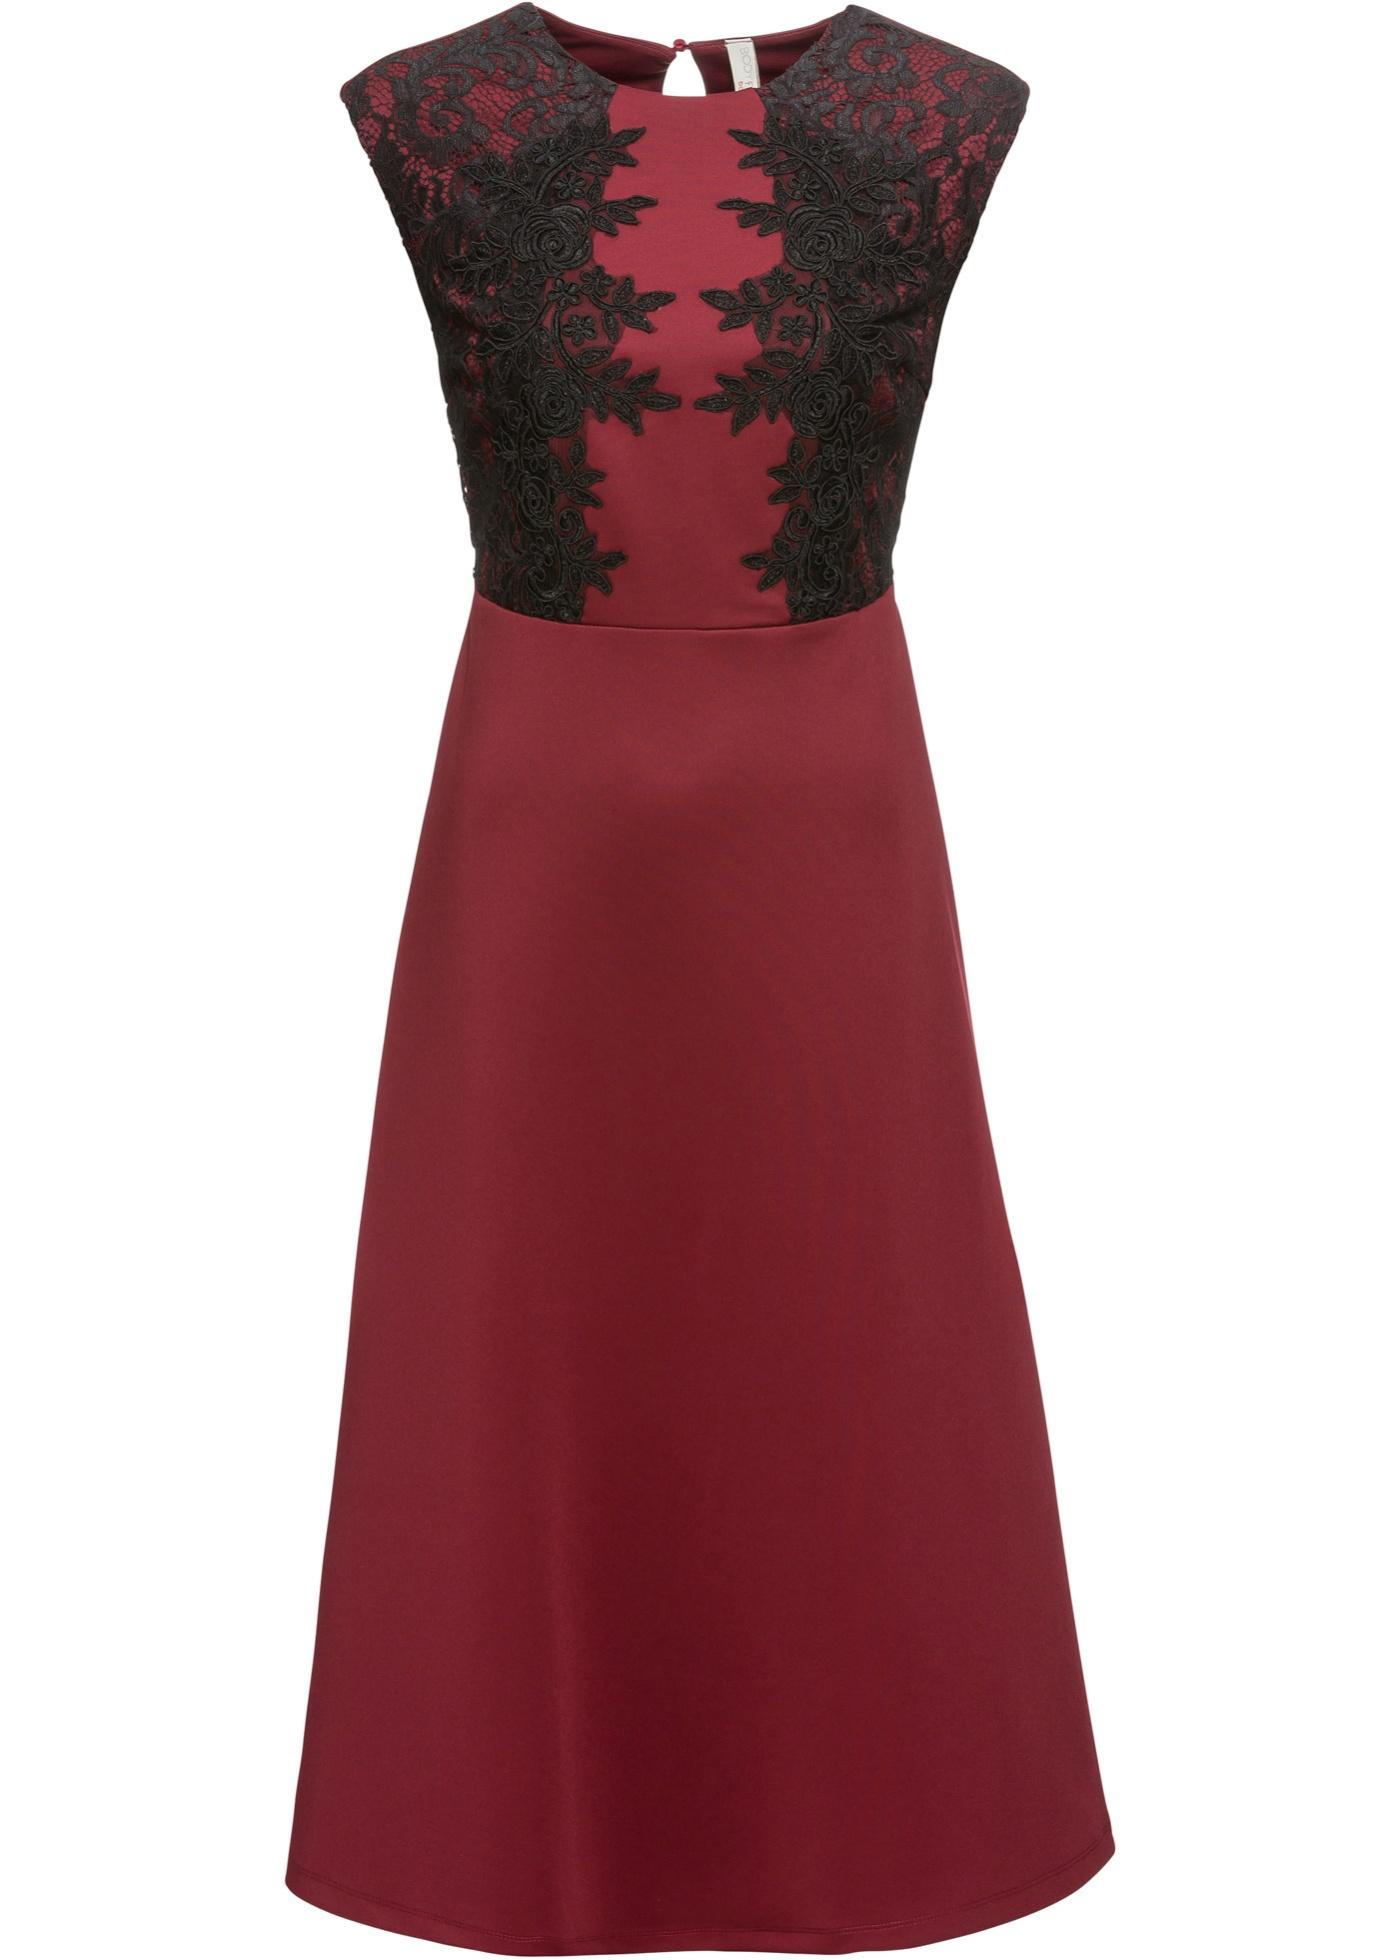 cfaf2d70bdb8 BODYFLIRT boutique Bonprix - robe d été Robe de soirée rouge sans ...